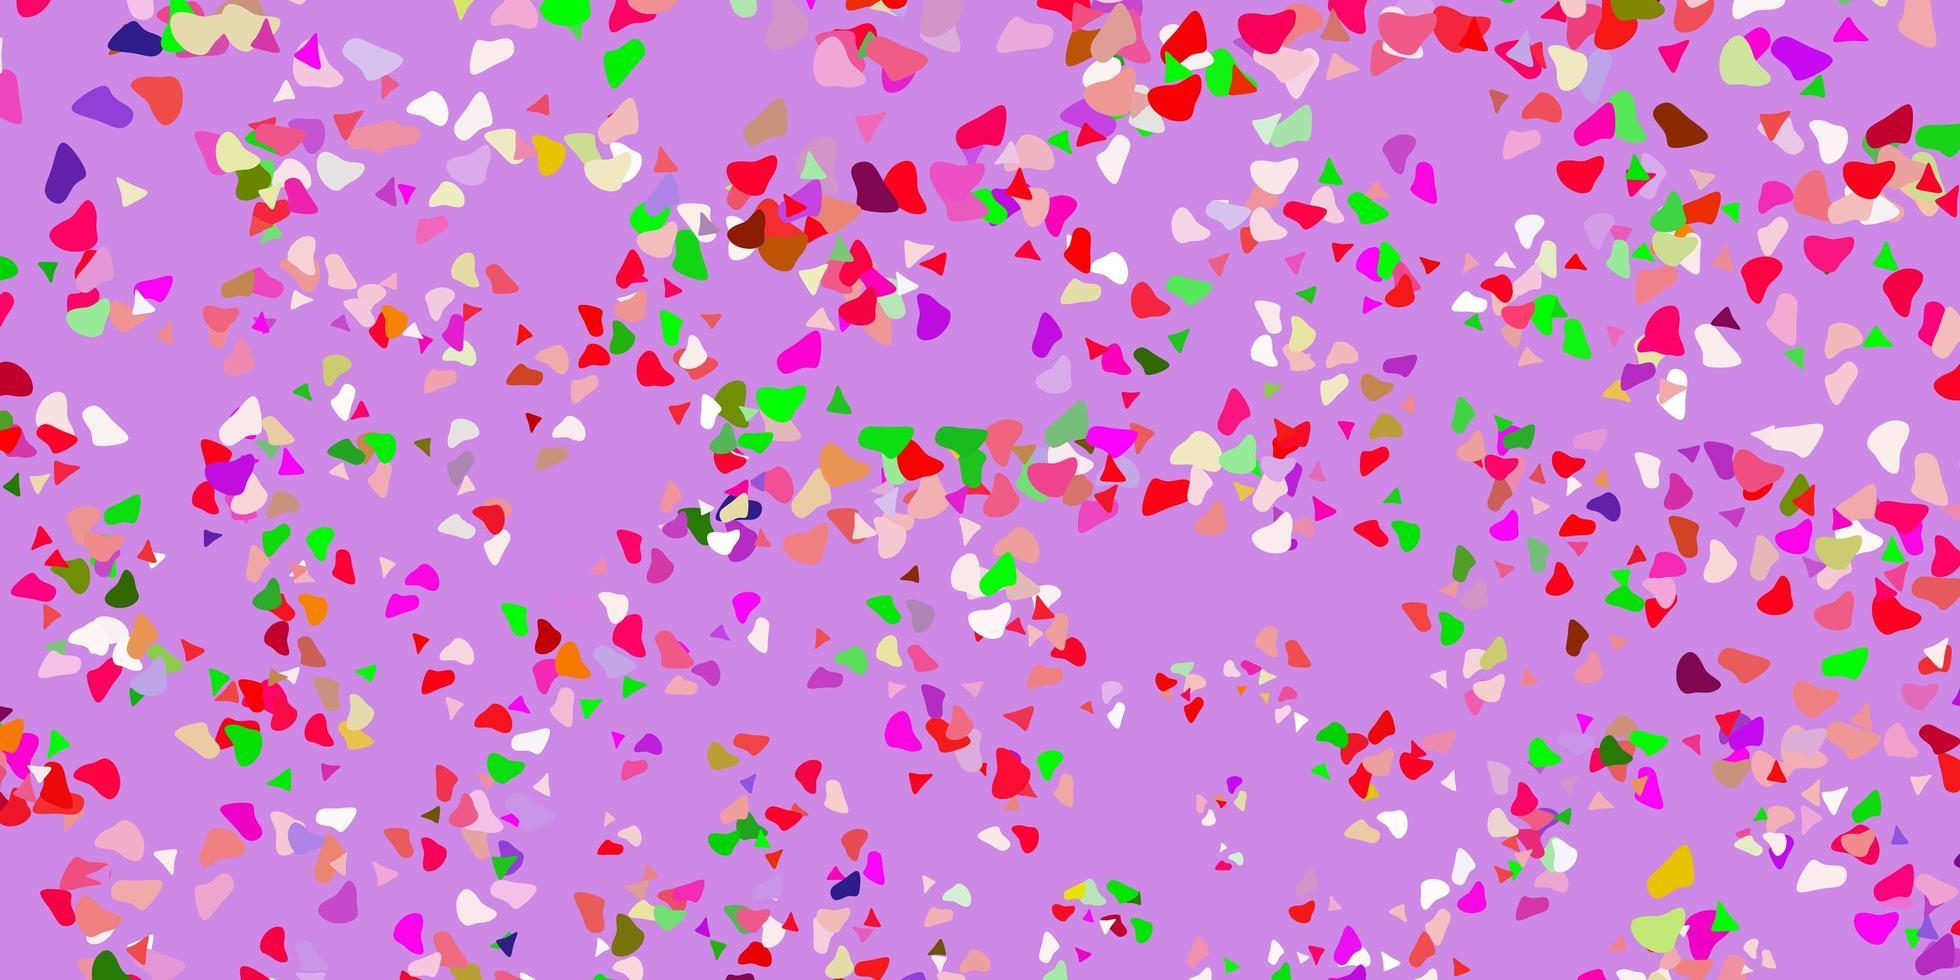 patrón de vector rosa claro, verde con formas abstractas.